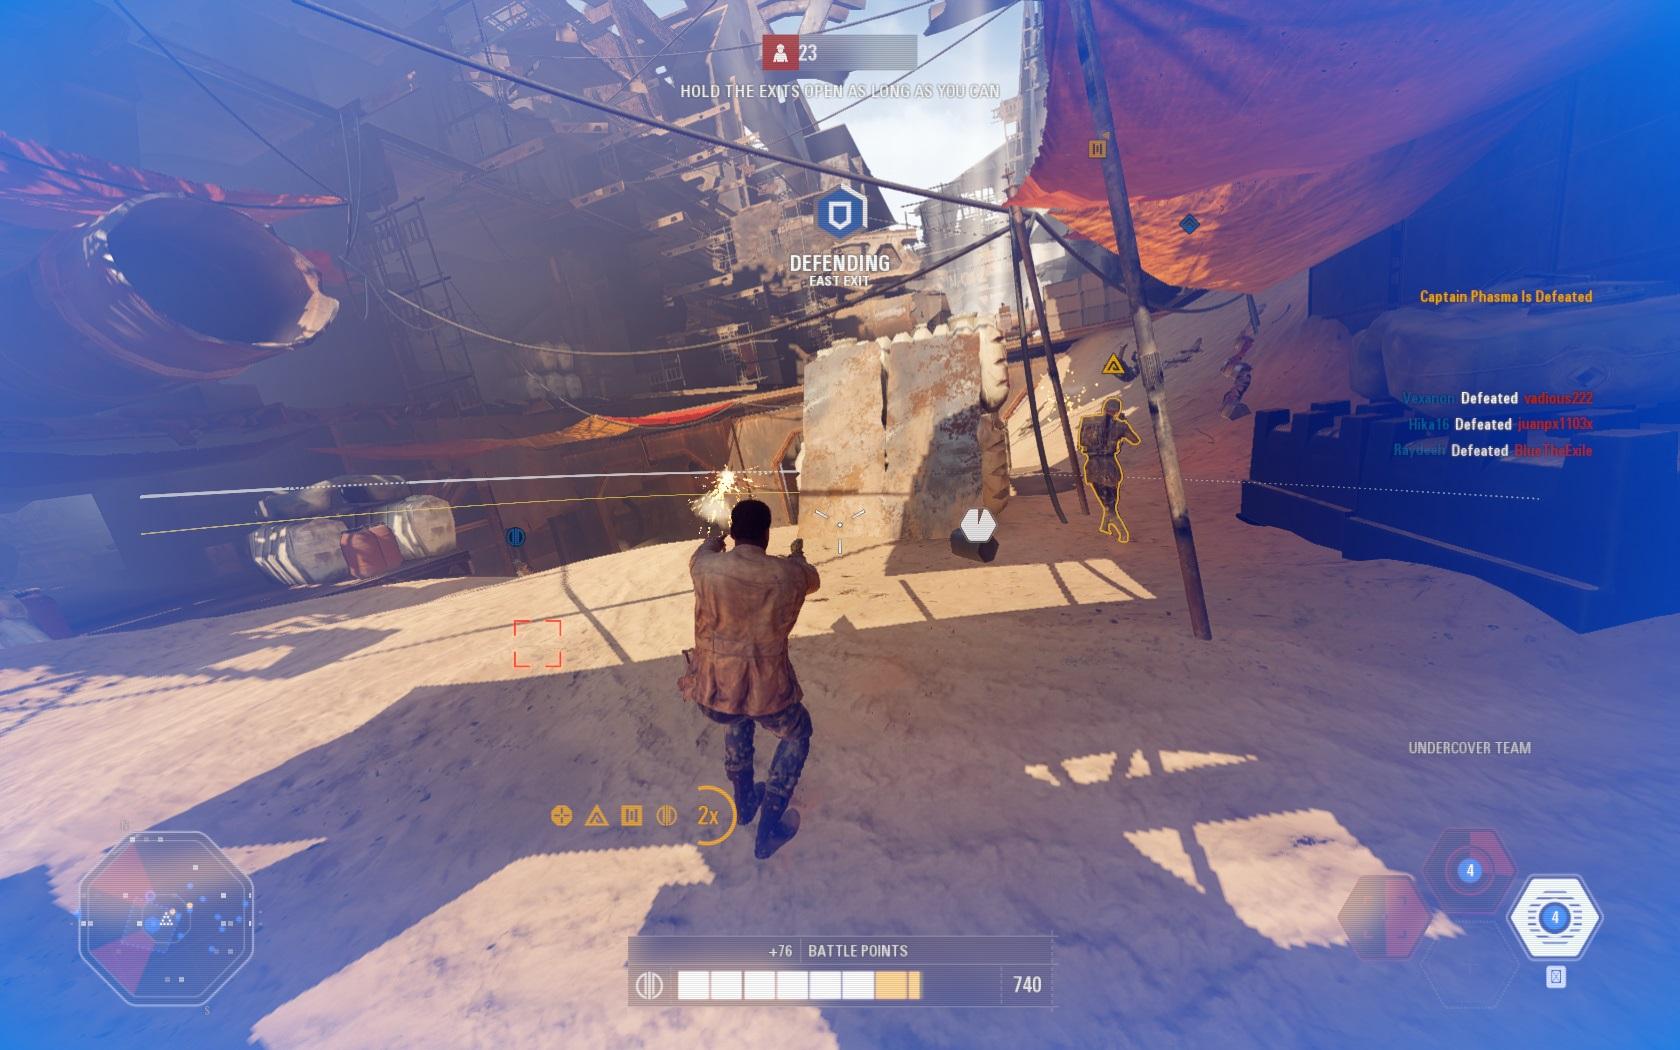 Star Wars: Battlefront 2 – The Last Jedi Season aneb krok správným směrem 153960